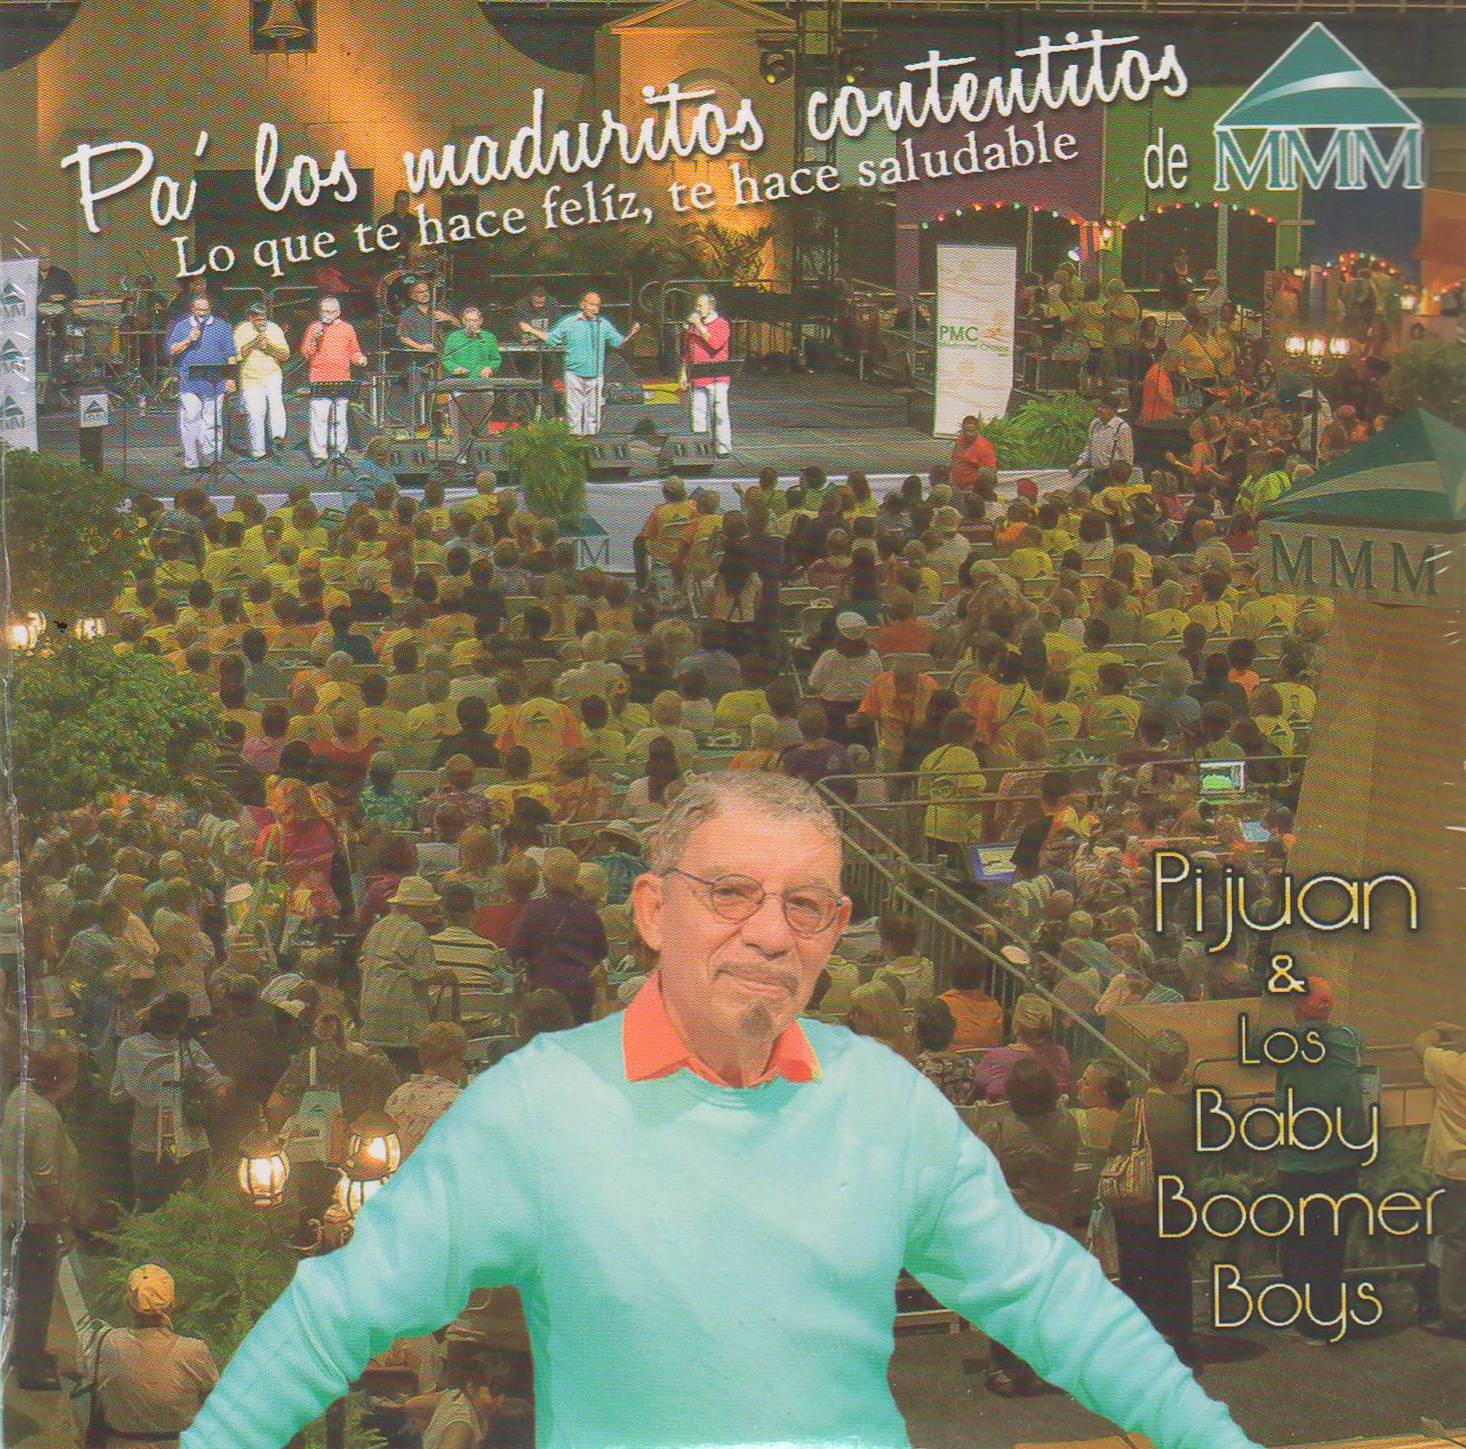 Producción que se acaba de editar de Pijuan y Los Baby Boomer Boys para el próximo domingo.